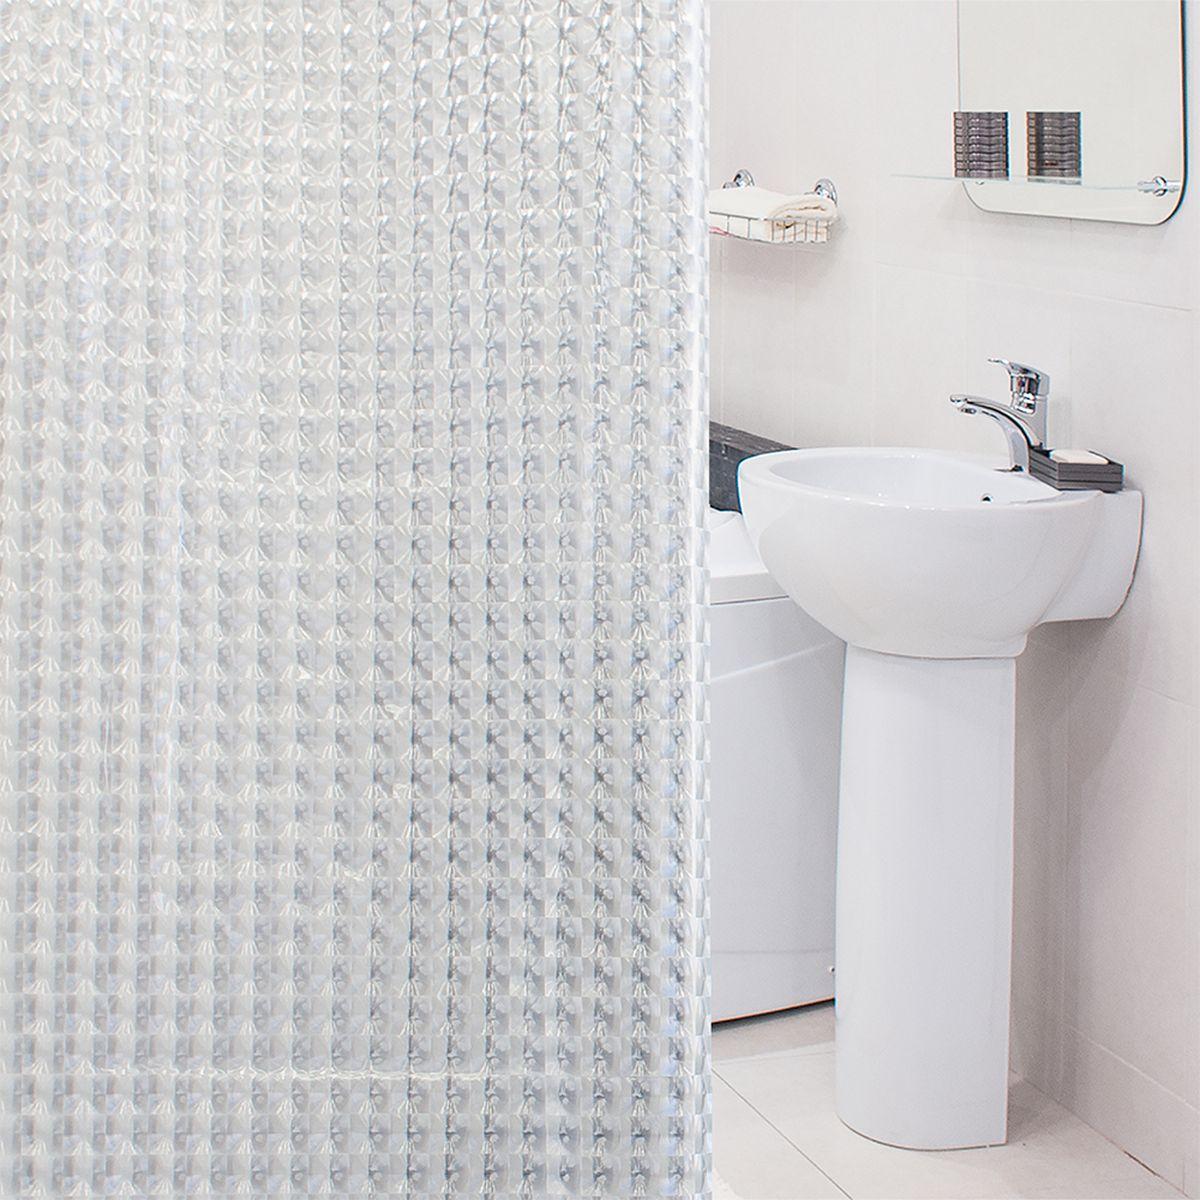 Штора для ванной комнаты 3D Tatkraft Crystal, с кольцами, 180 х 180 см18815Штора для ванной комнаты 3D Tatkraft Crystal выполнена из высококачественного материала ПЕВА (полиэтиленвинилацетат) с водоотталкивающим и антигрибковым покрытием. Изделие хорошо пропускает свет и быстро высыхает. В комплекте прилагаются овальные пластиковые кольца. Такая штора прекрасно впишется в любой интерьер ванной комнаты и идеально защитит от брызг. Количество колец: 12 шт.